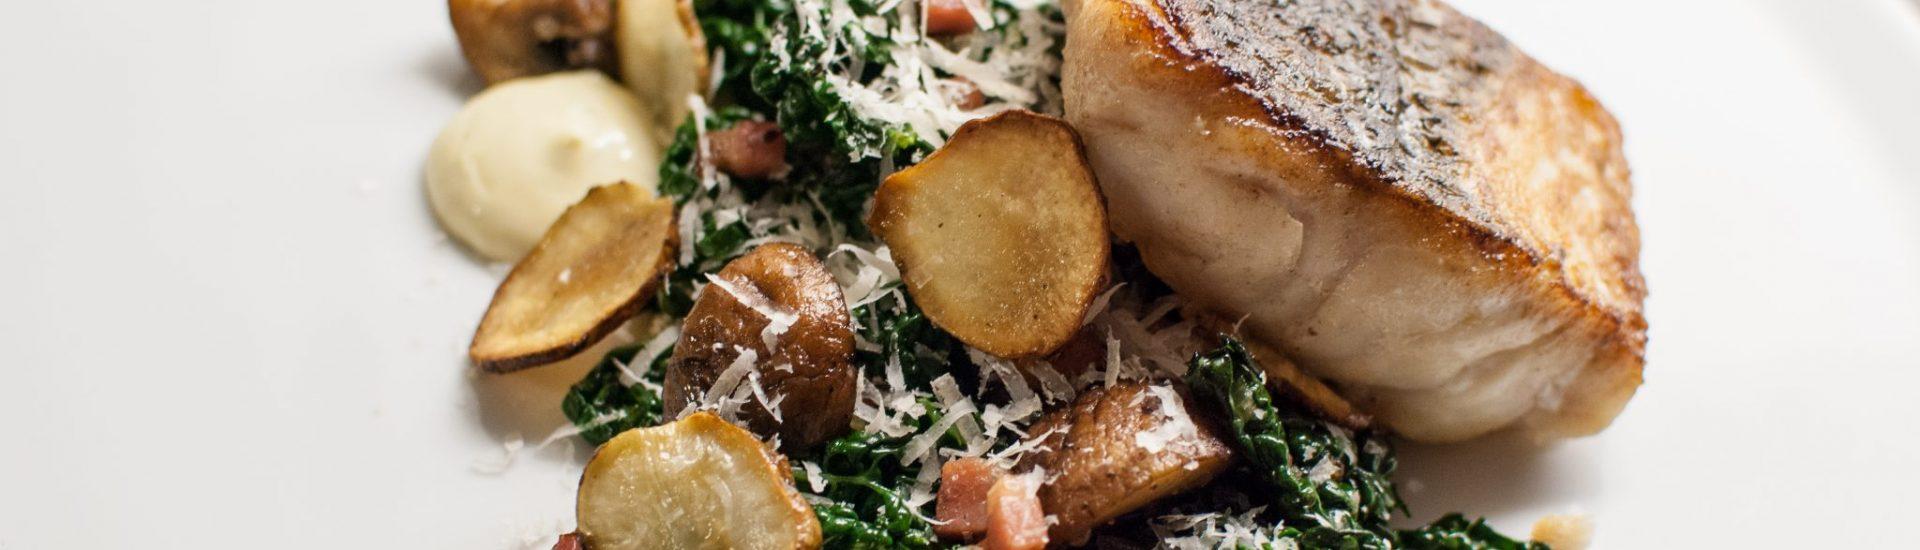 Stekt kummel med svartkål, skogschampinjon, rökt sidfläsk, jordärtskockschips och lime- och vitlökskräm